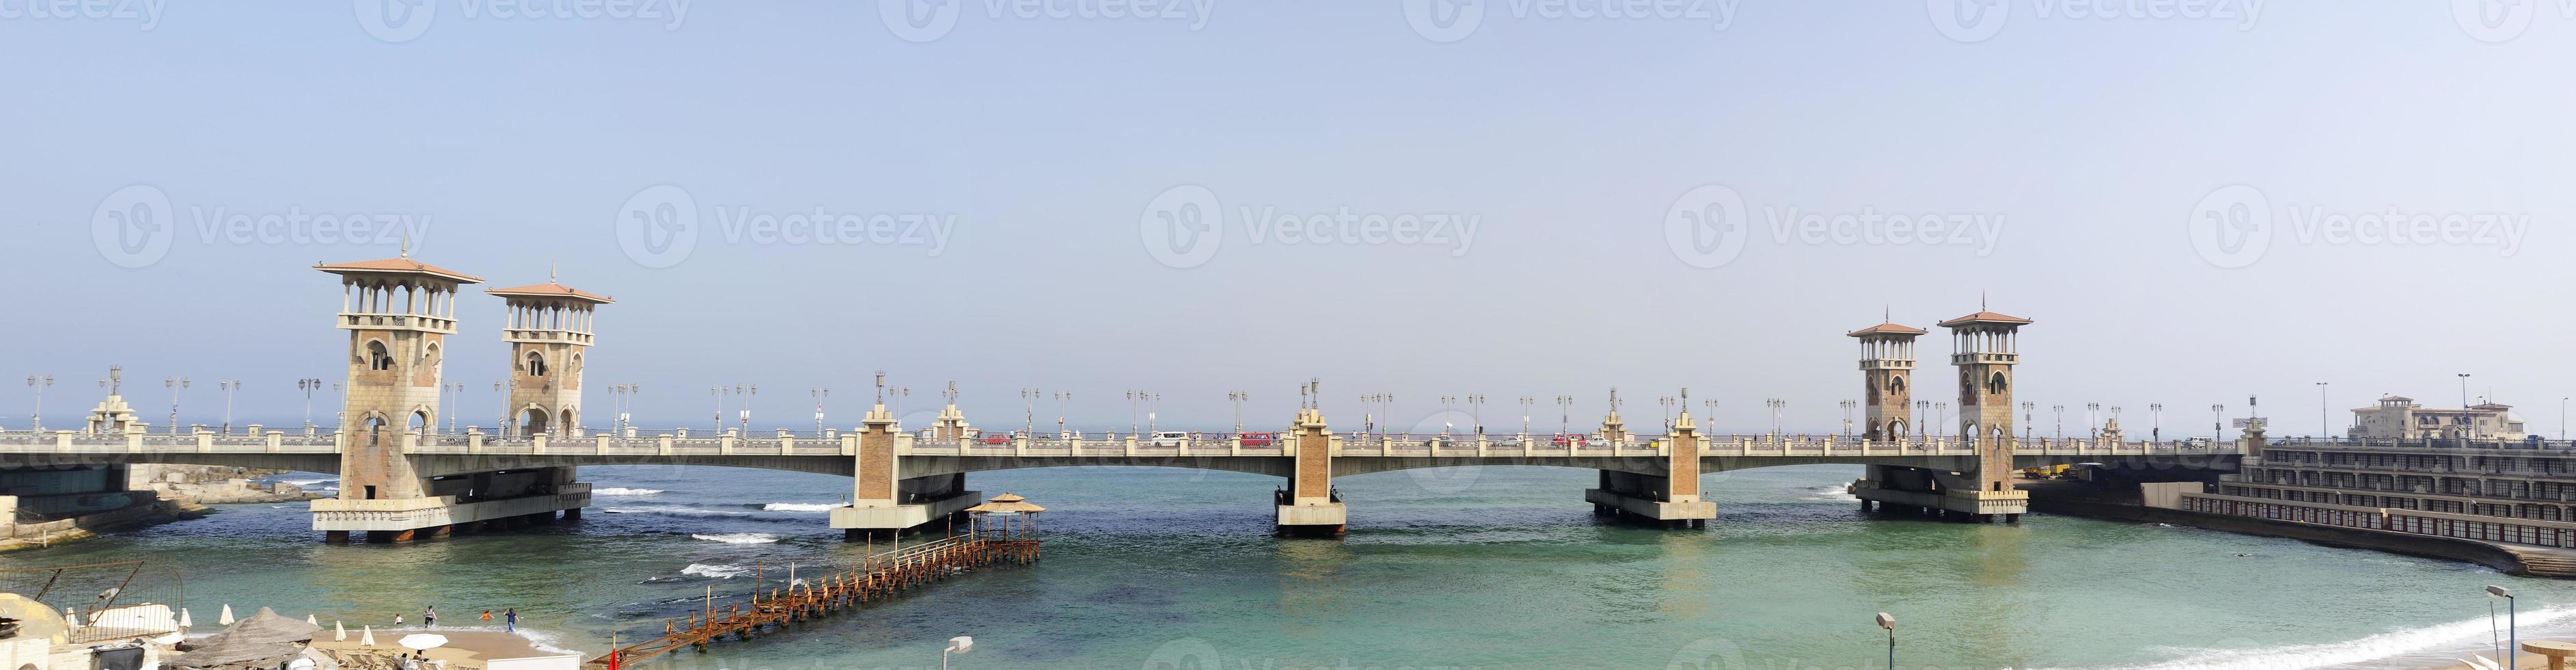 pont stanley photo